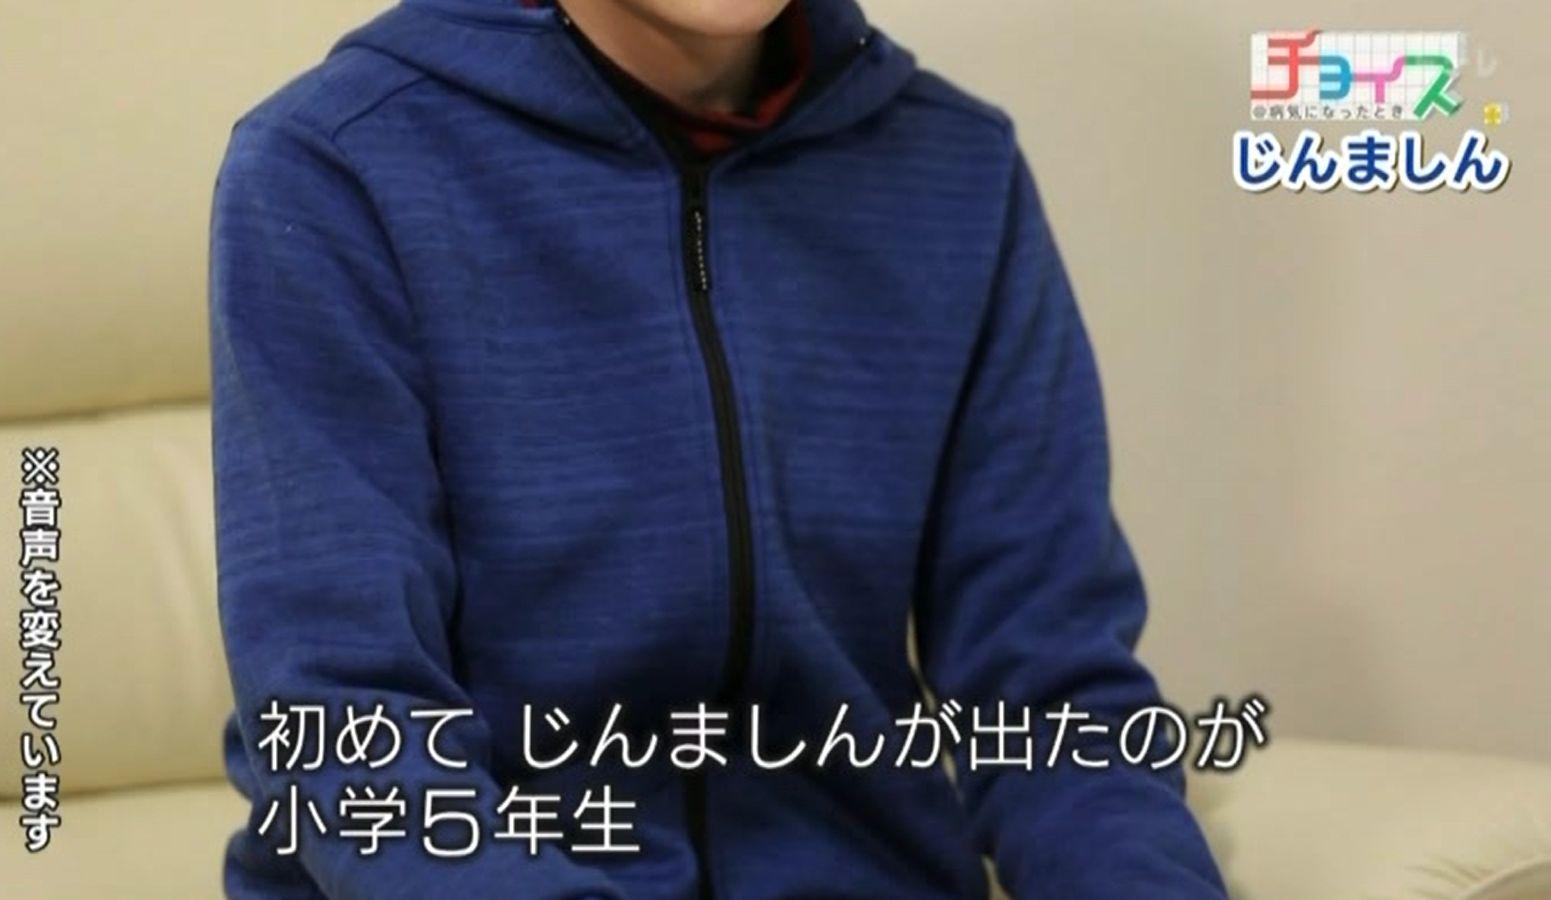 ある日、突然じんましんの症状が現れたという<仮名>山田さん(14歳)